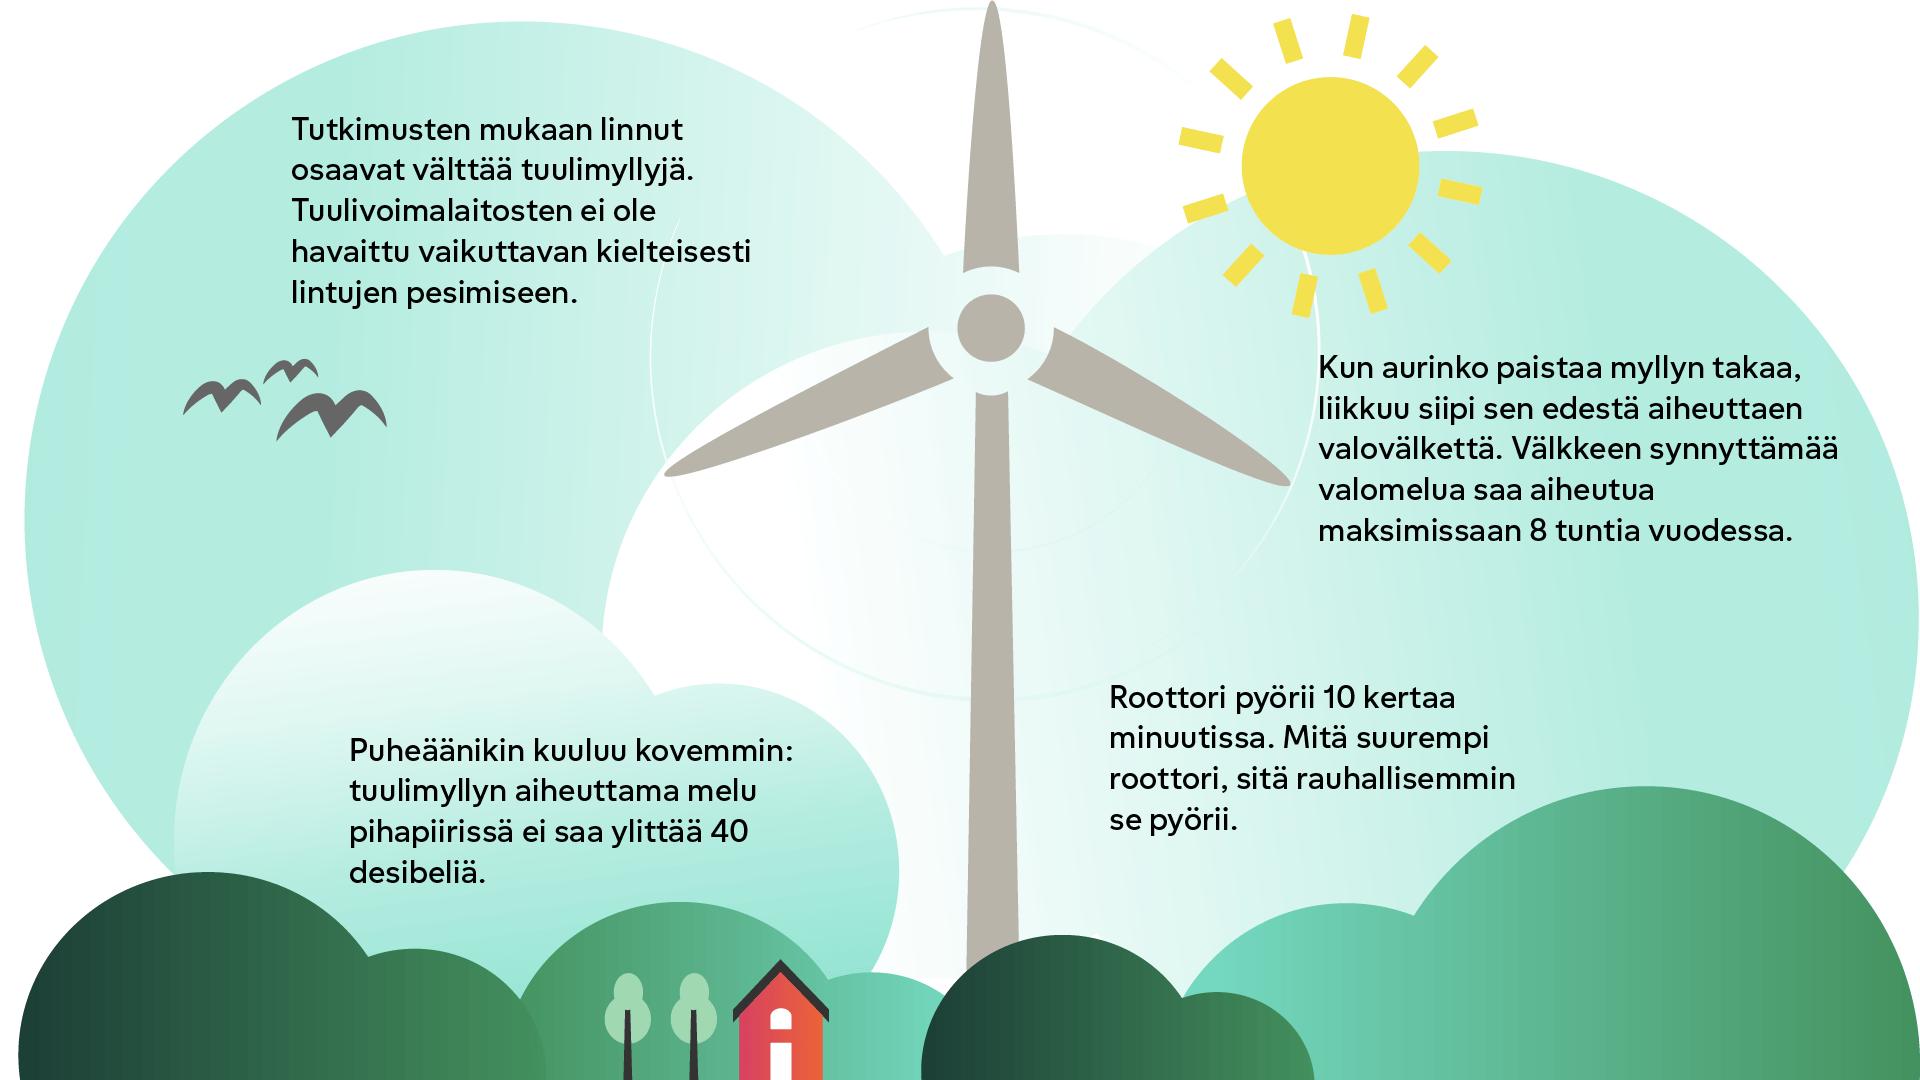 Tuulivoimalan ympäristövaikutukset ovat tutkitusti vähäiset